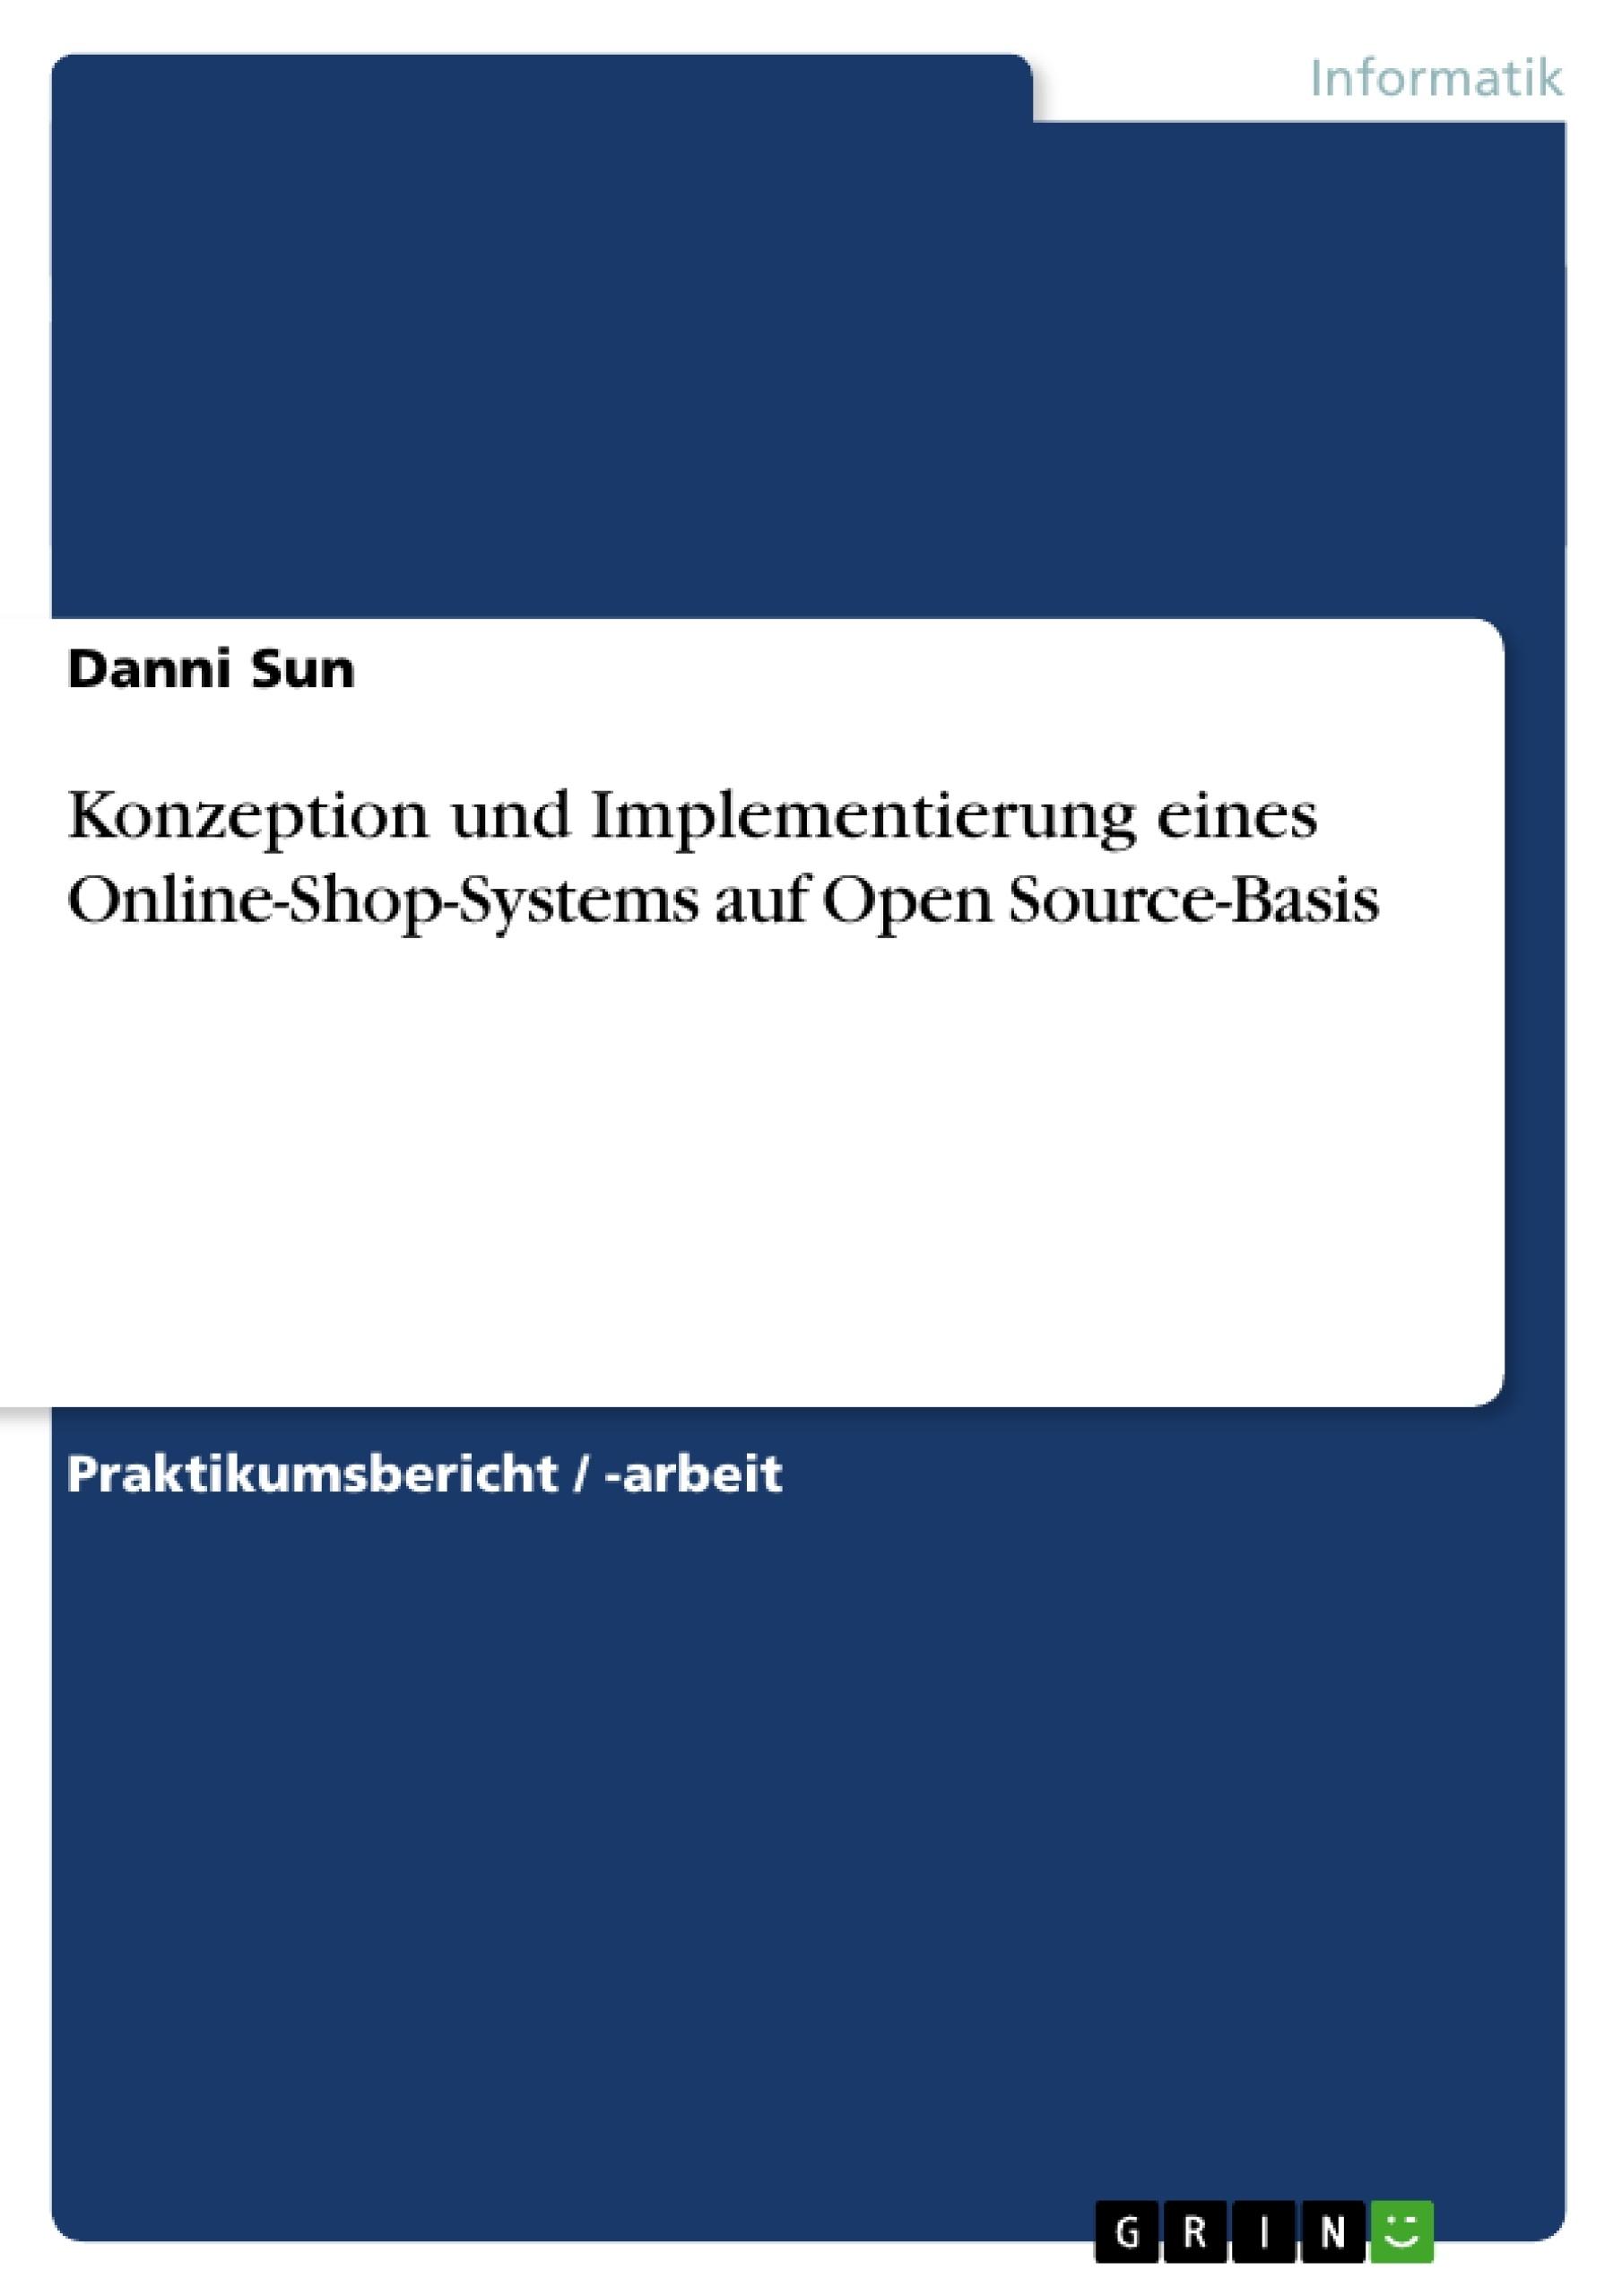 Titel: Konzeption und Implementierung eines Online-Shop-Systems auf Open Source-Basis